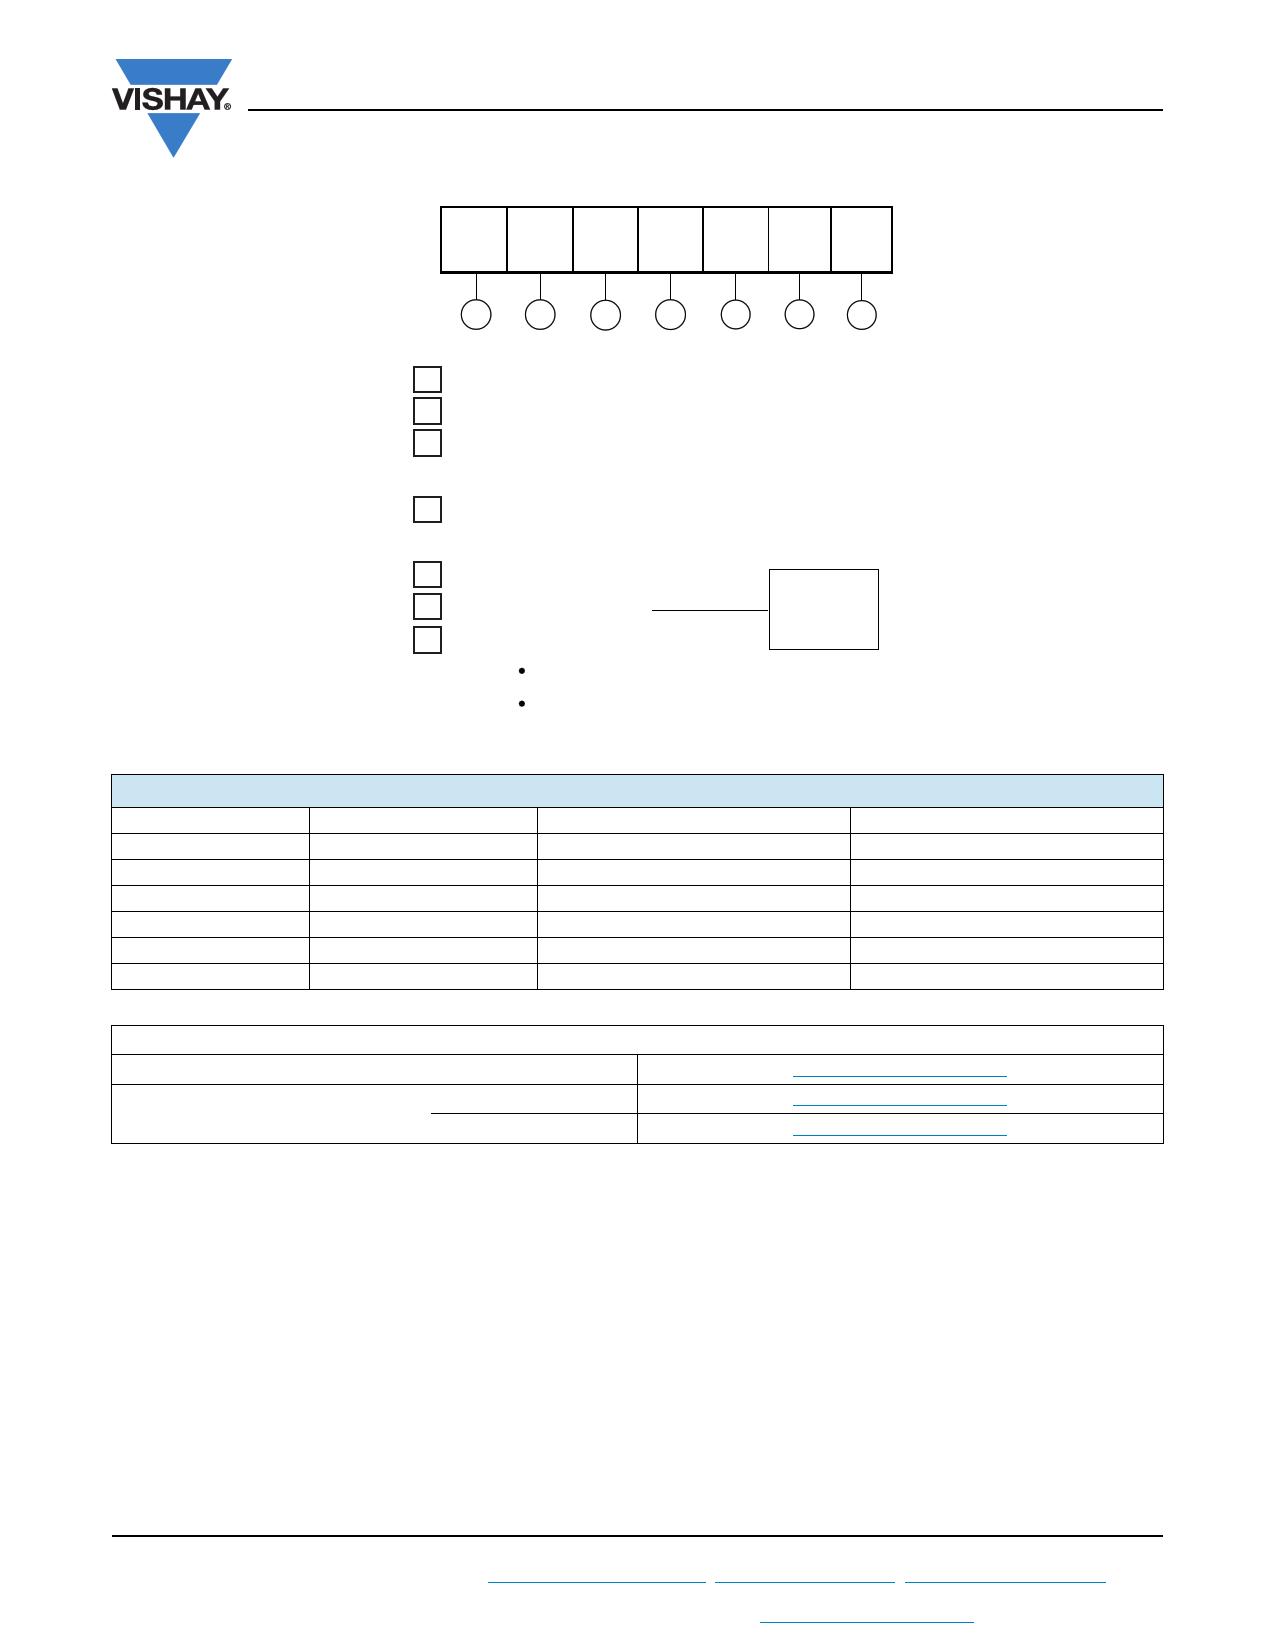 VS-20CTQ035-N3 pdf